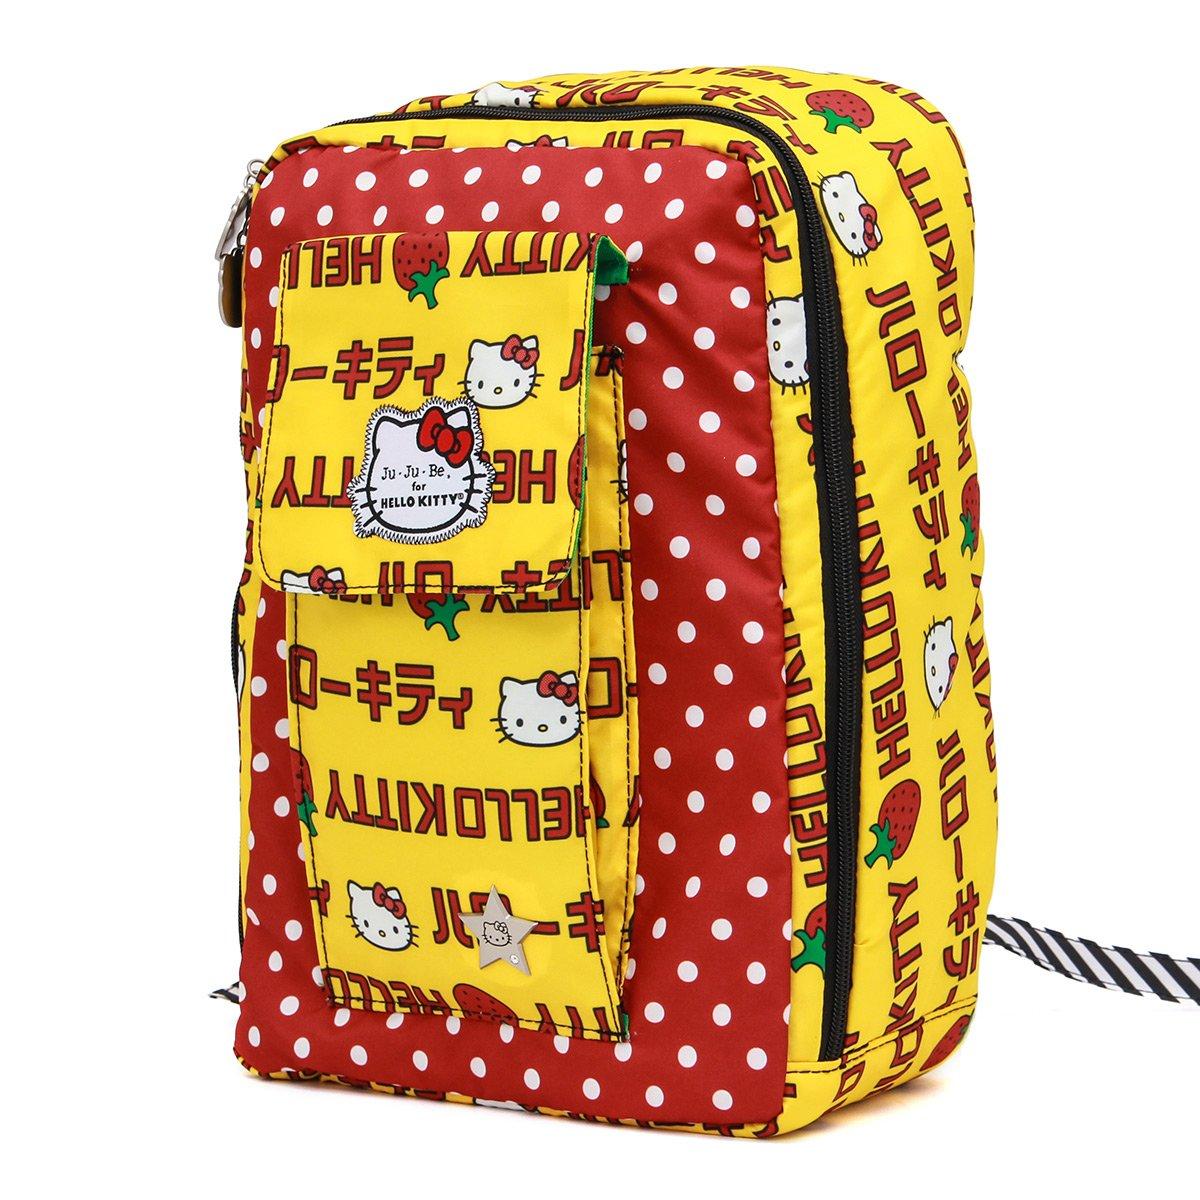 Ju-Ju-Be Ju-Ju-Be Ju-Ju-Be Sé Mini - Bolsa de pañales a12af6